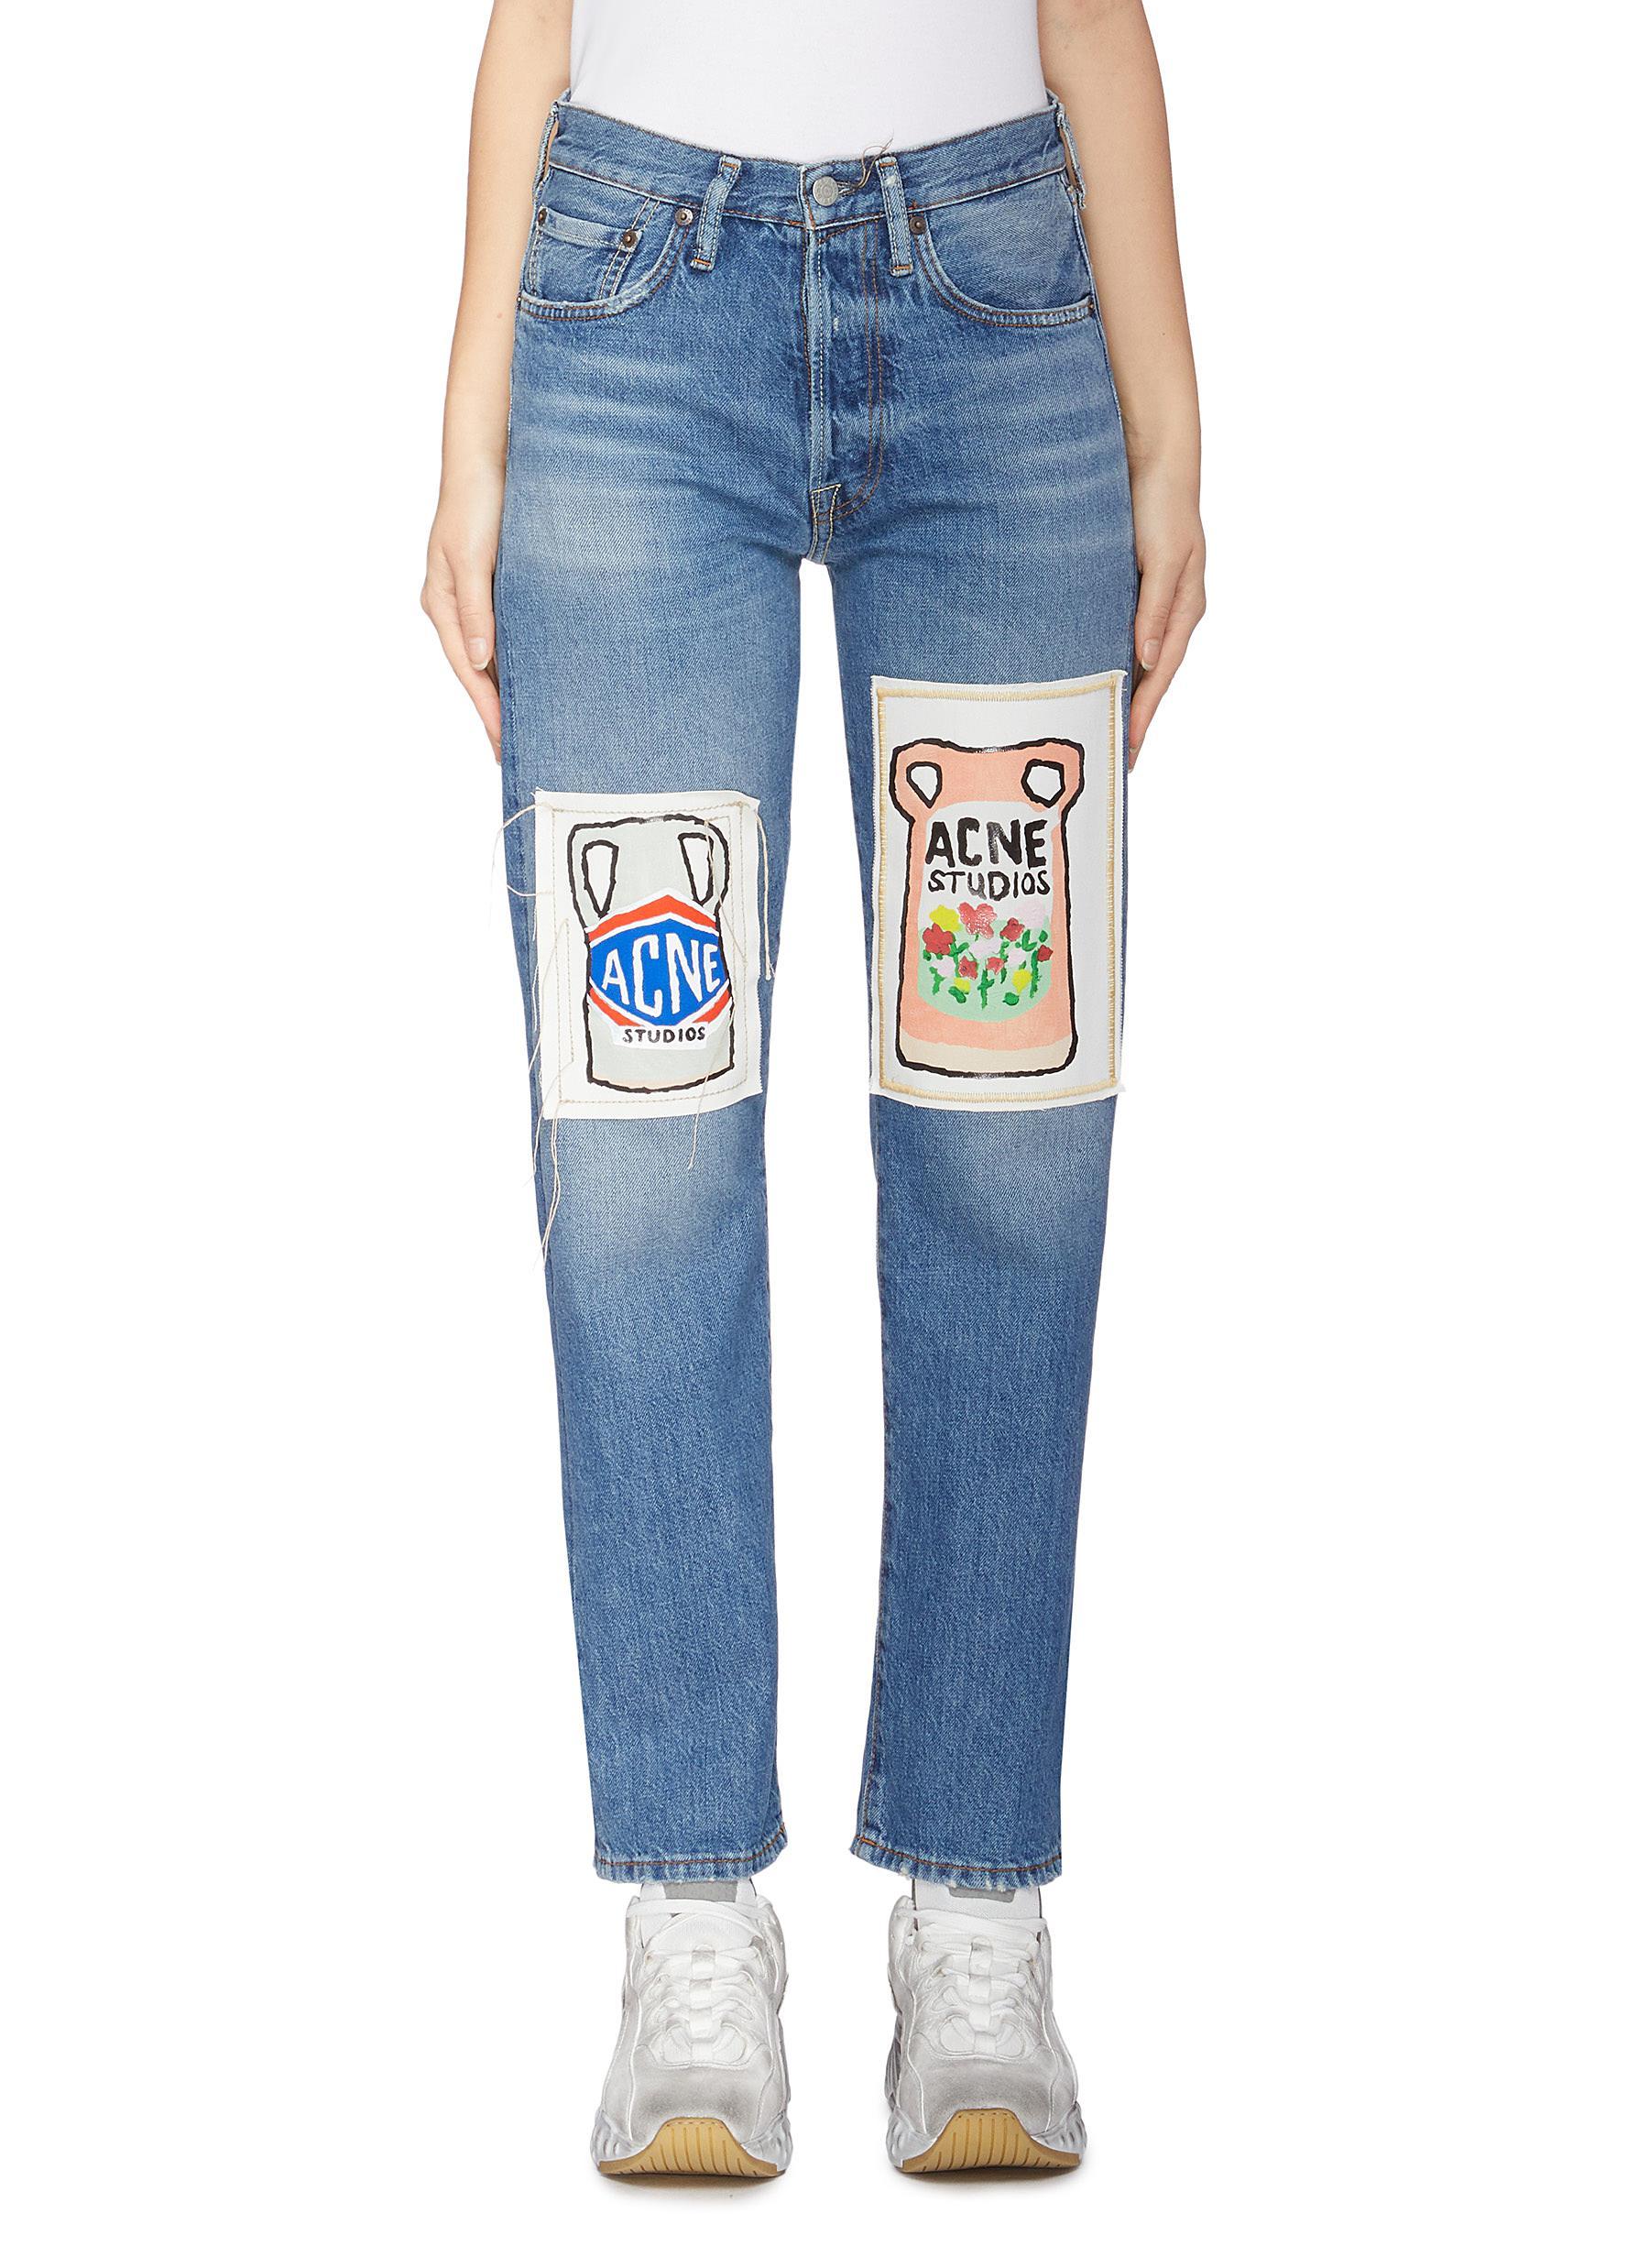 Vase graphic appliqué jeans by Acne Studios